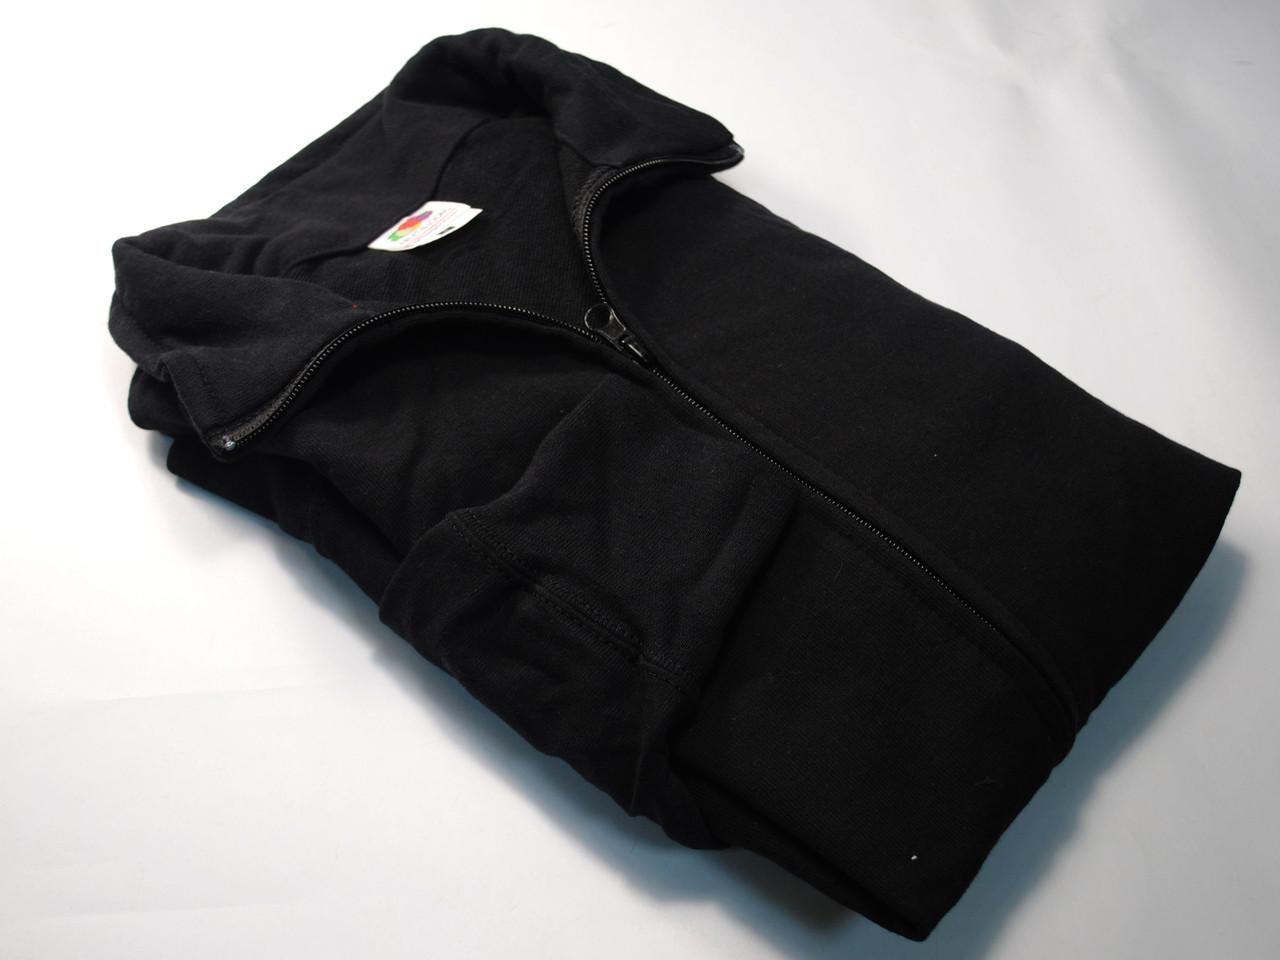 Лёгкая мужская кофта на молнии Чёрная размер M 62-160-36